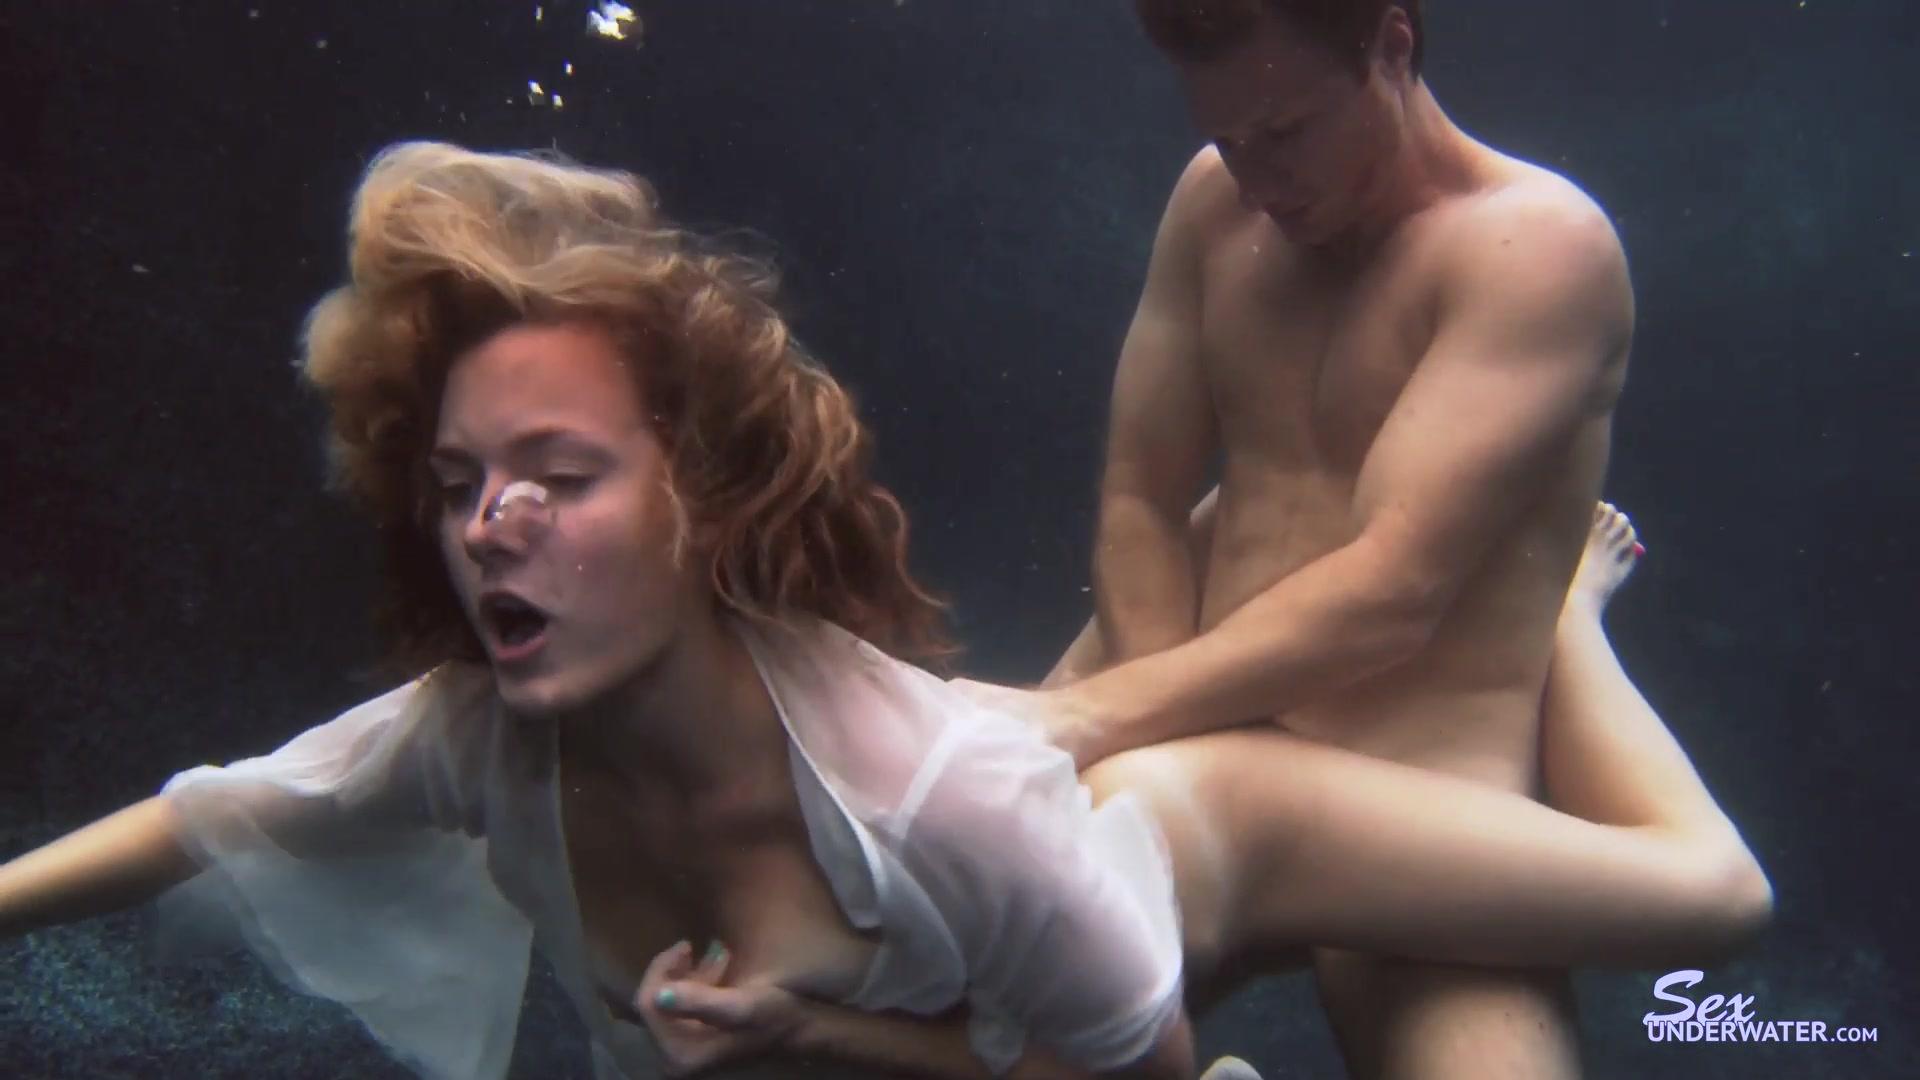 唯美系气质女郎白色内衣下乳房在水下时隐时现被抱着屁股舔着嫩逼玩上下姿势后入插入